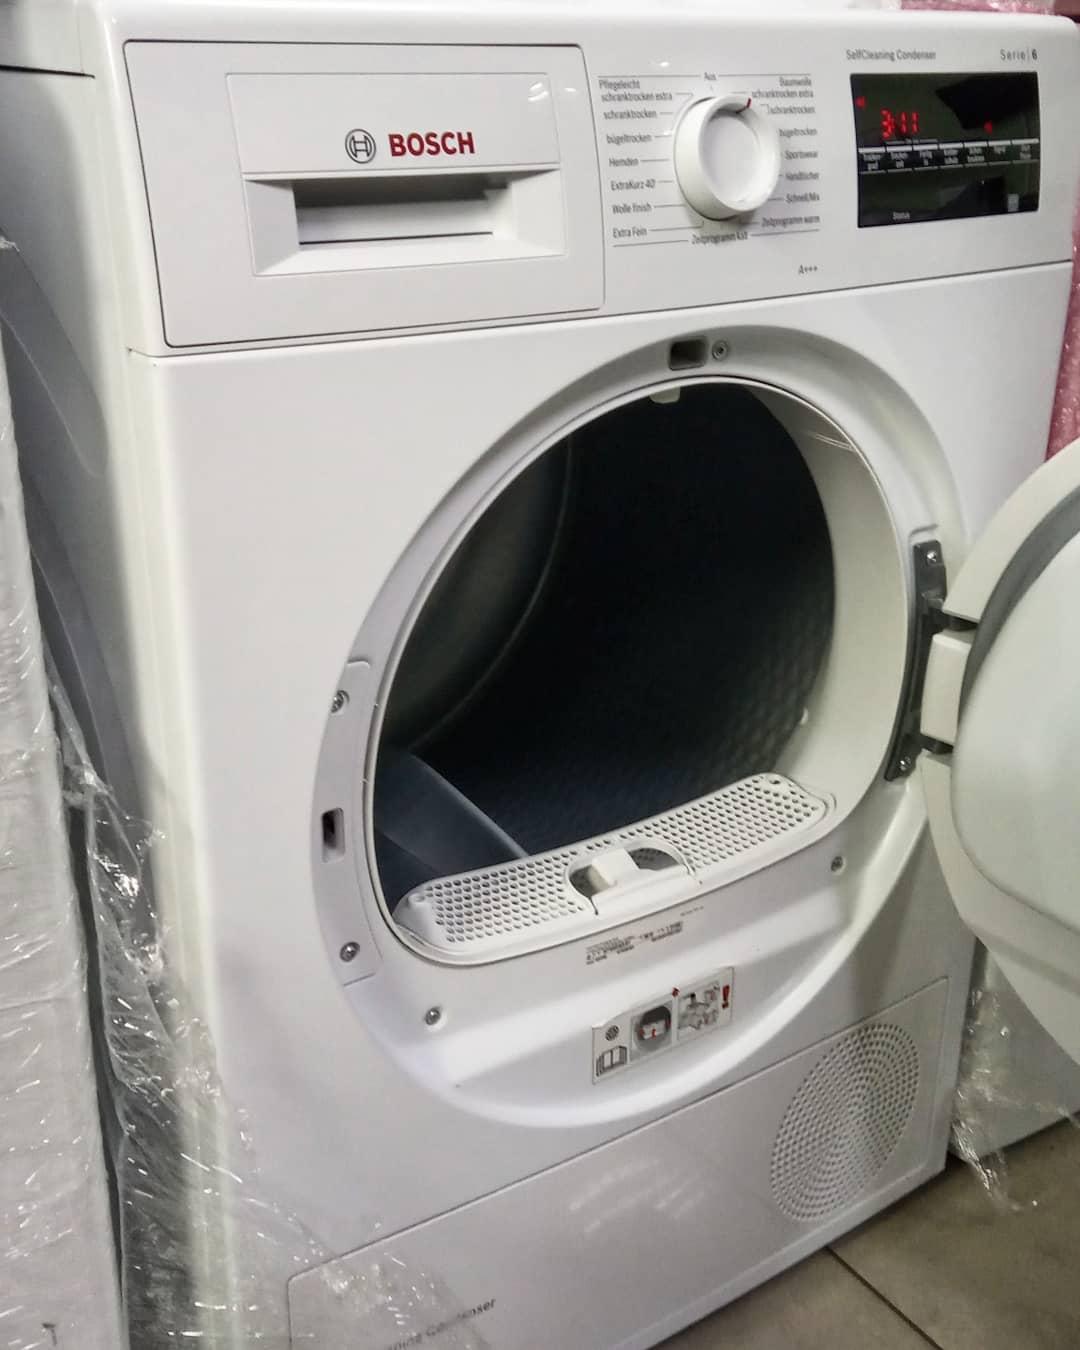 Сушильная машина - плюсы и минусы покупки